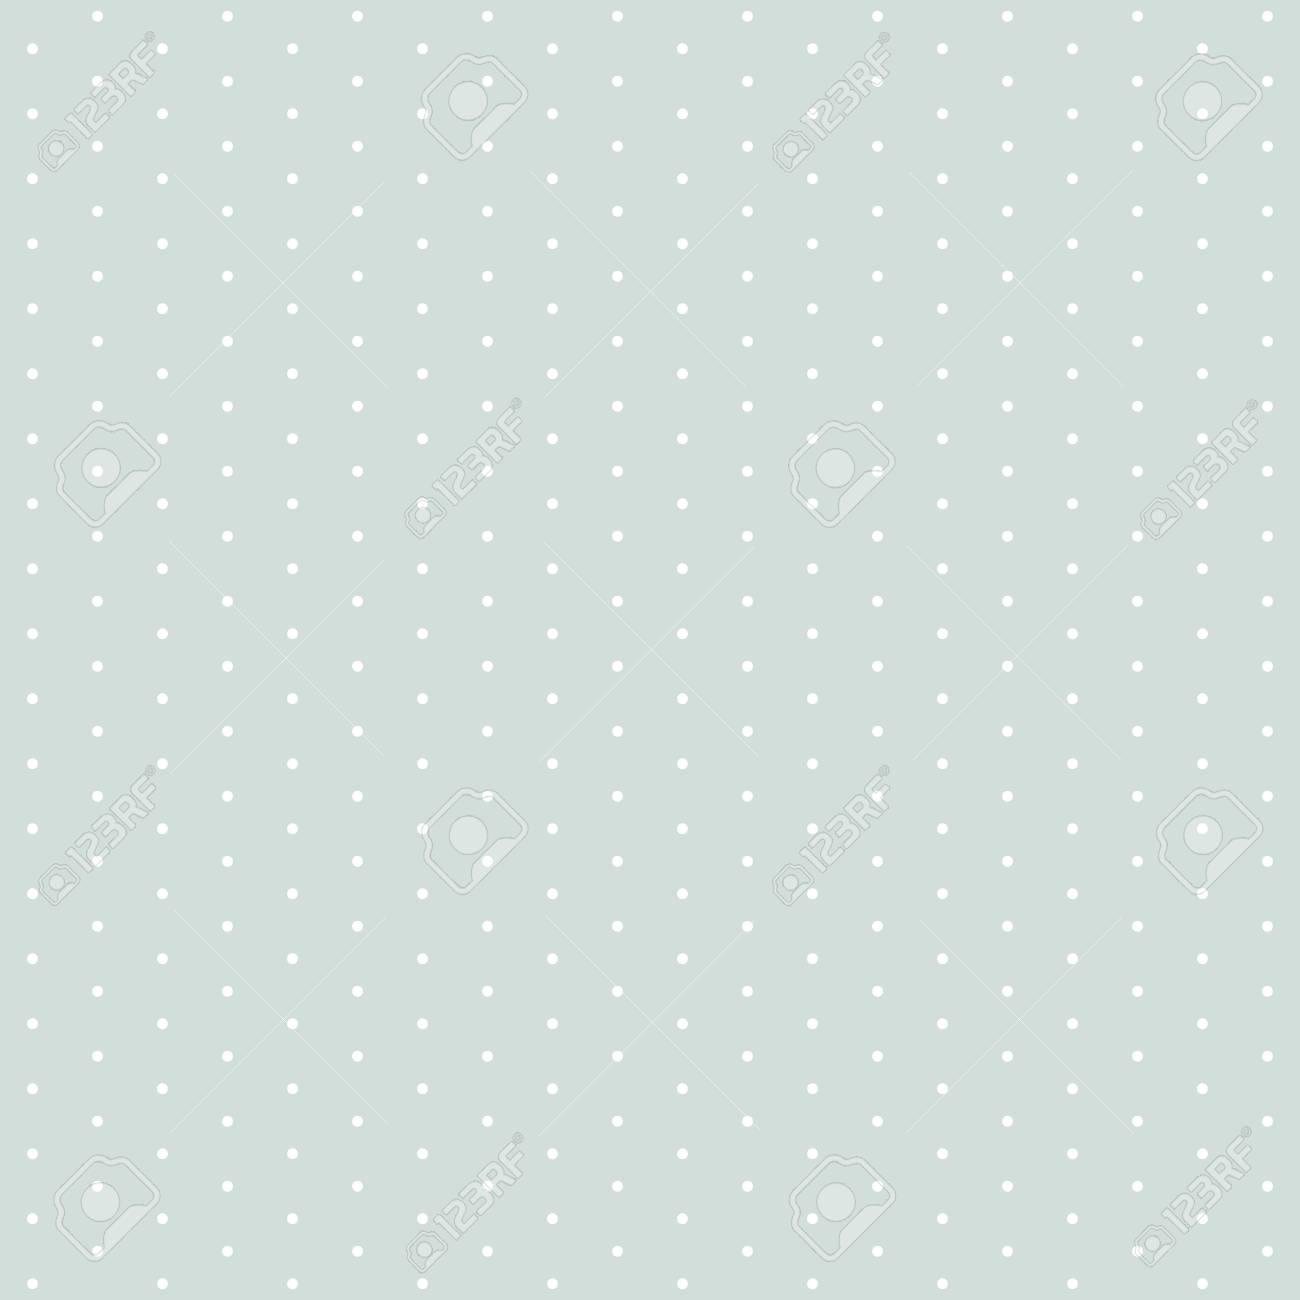 Motif Moderne Geometrique Sans Soudure Fine Ornement Avec Des